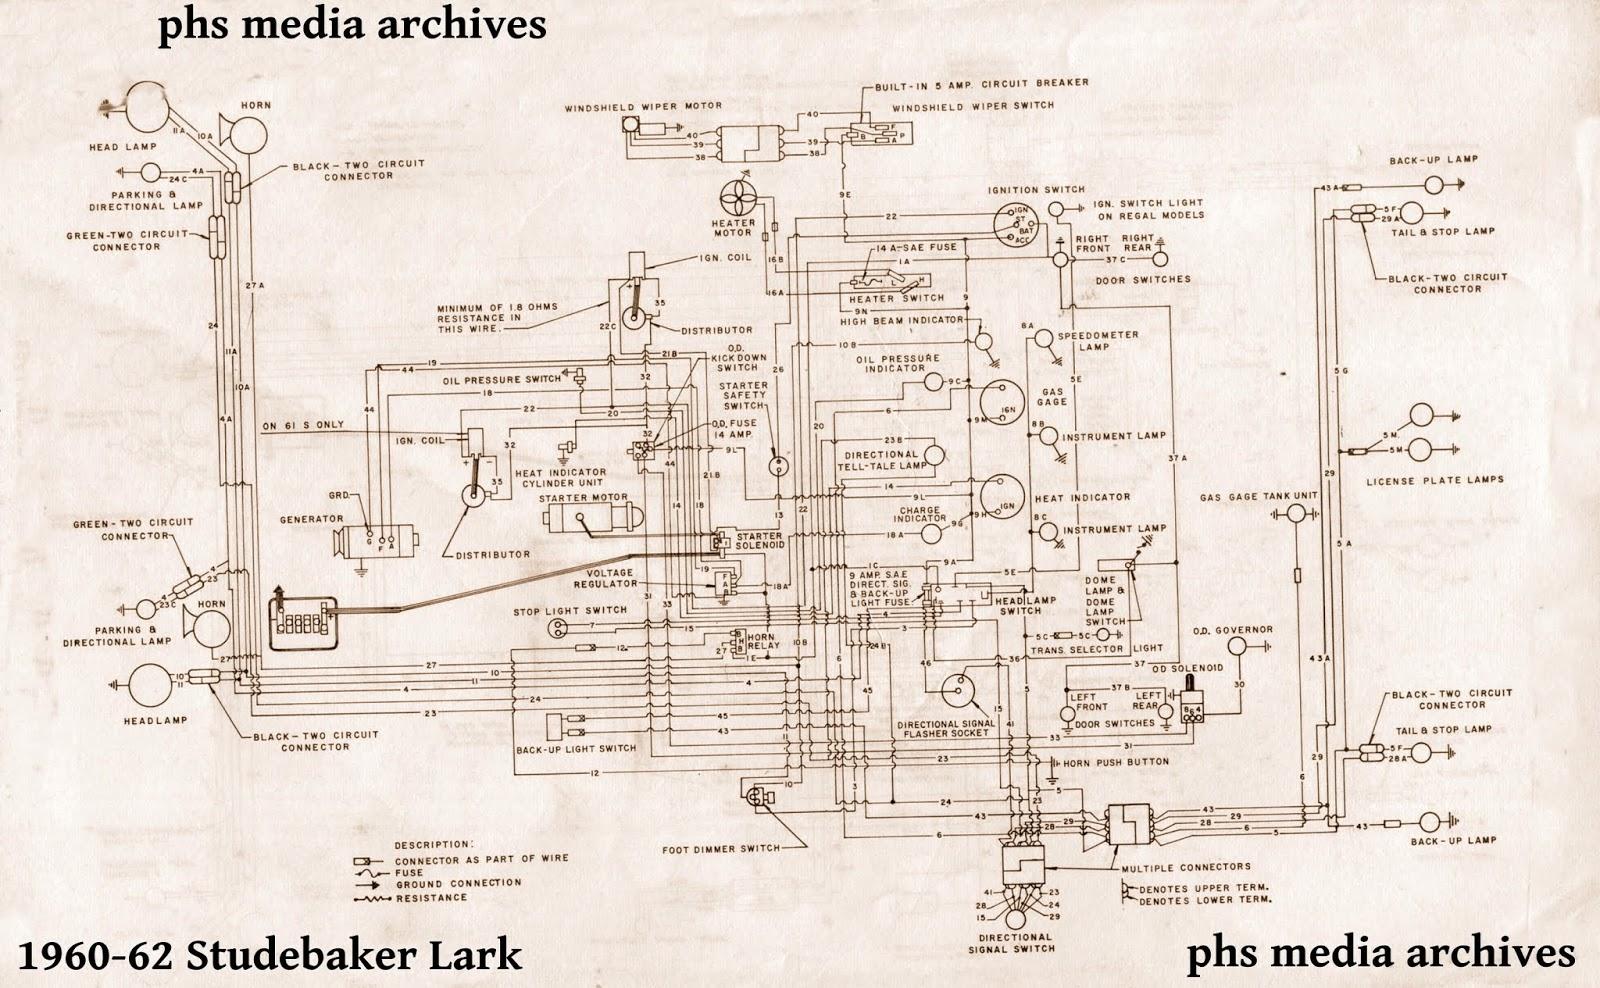 55 studebaker wiring diagram wiring diagram datasourcetech series studebaker lark u0026 cruiser wiring diagrams 55 [ 1600 x 988 Pixel ]